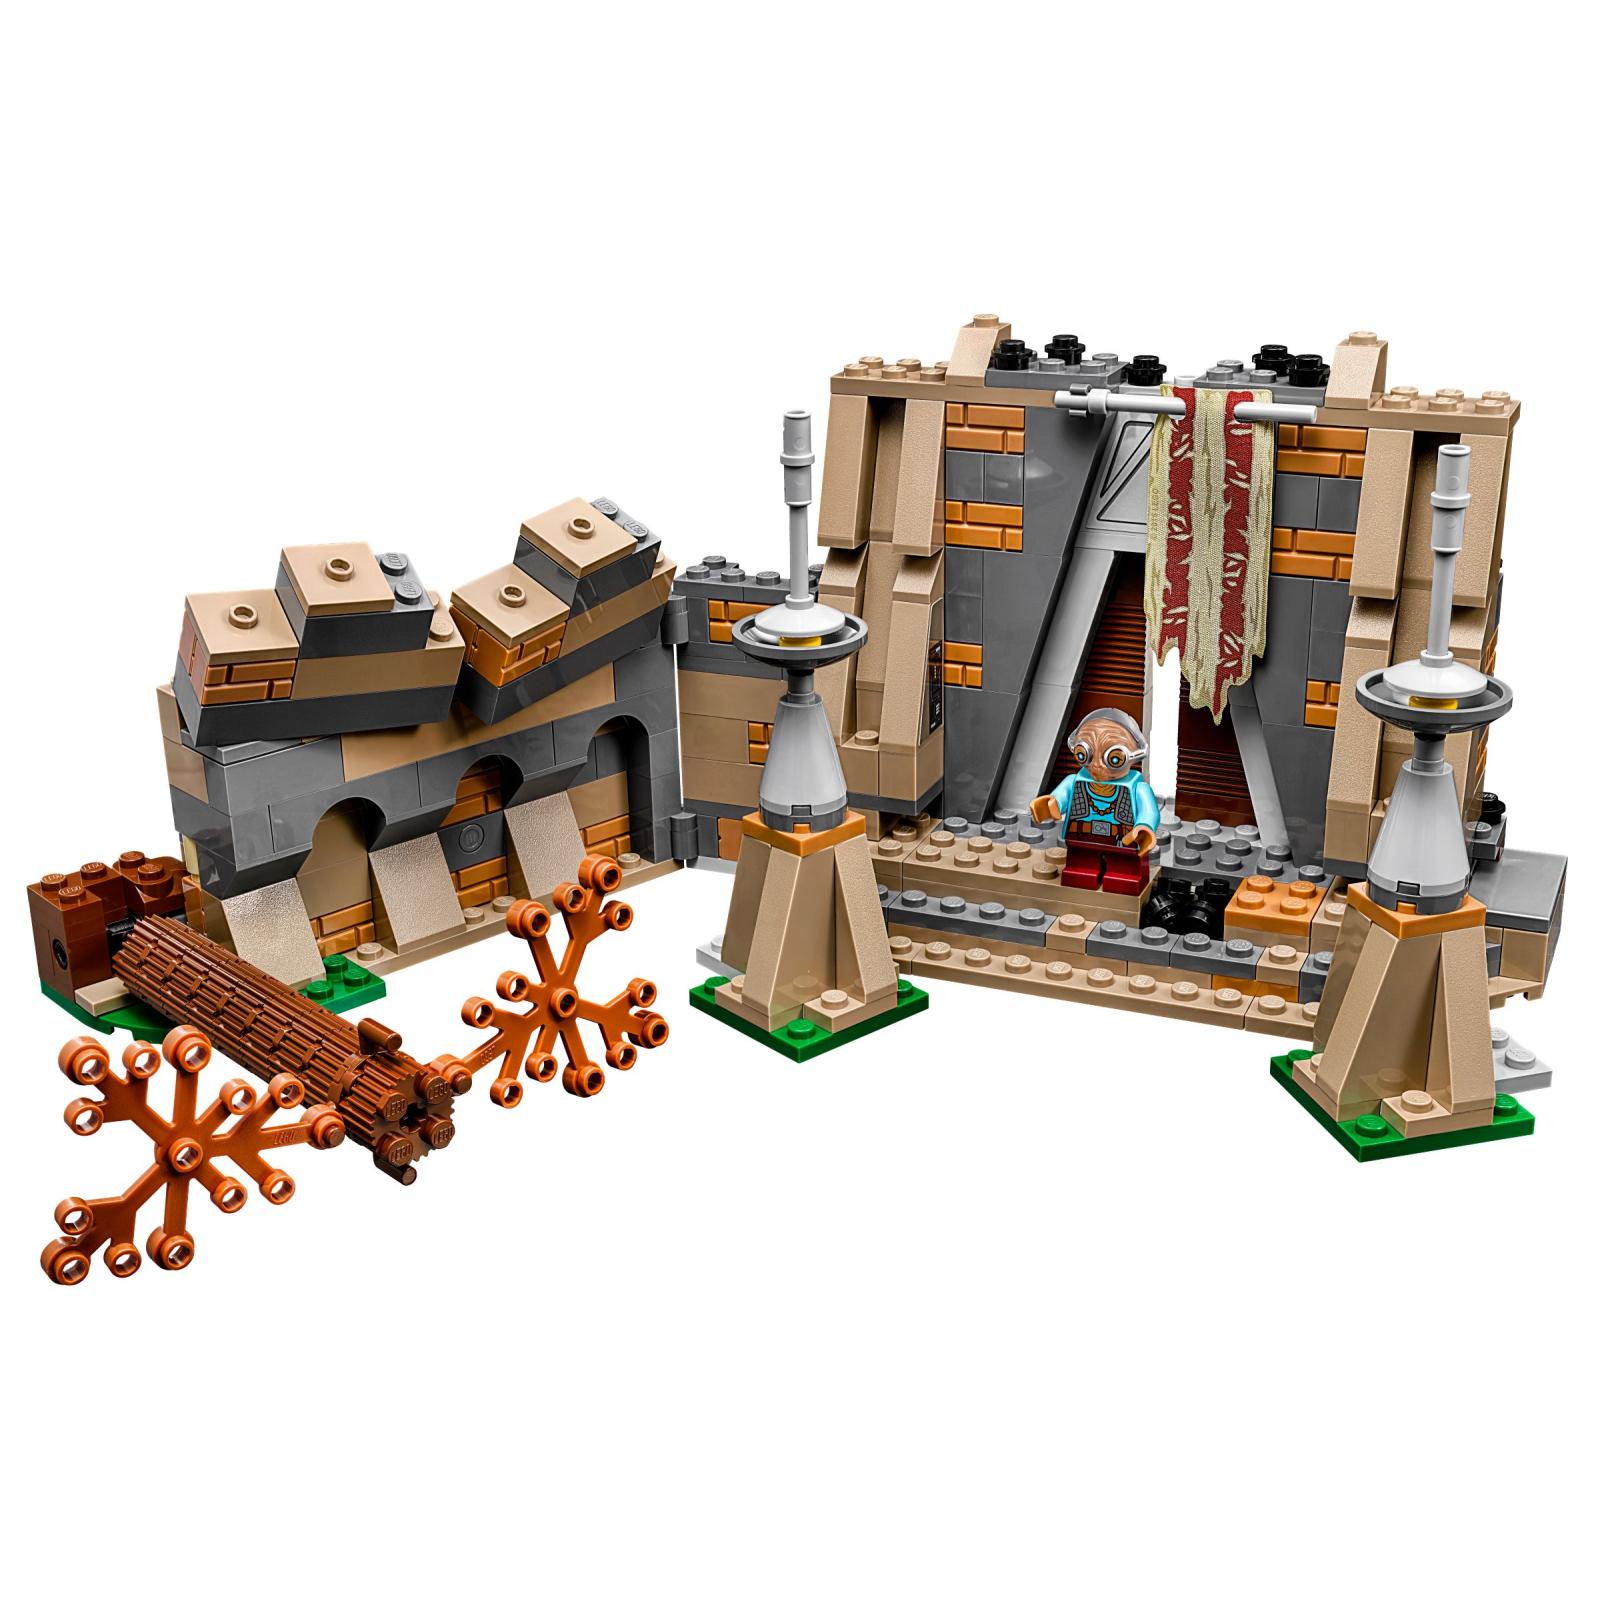 Конструктор LEGO Star Wars Битва на планете Такодана (75139) изображение 3